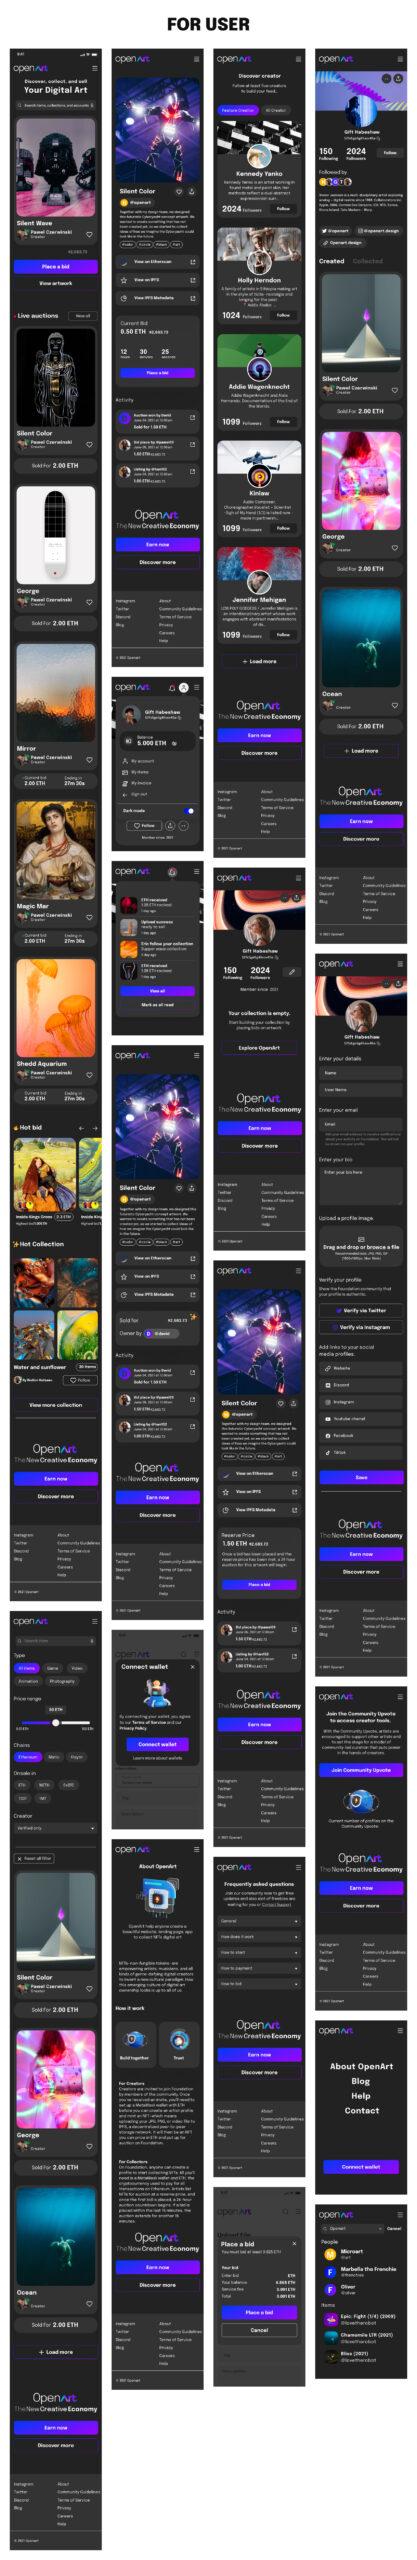 开放艺术-NFTs用户界面UI设计免费套件插图3